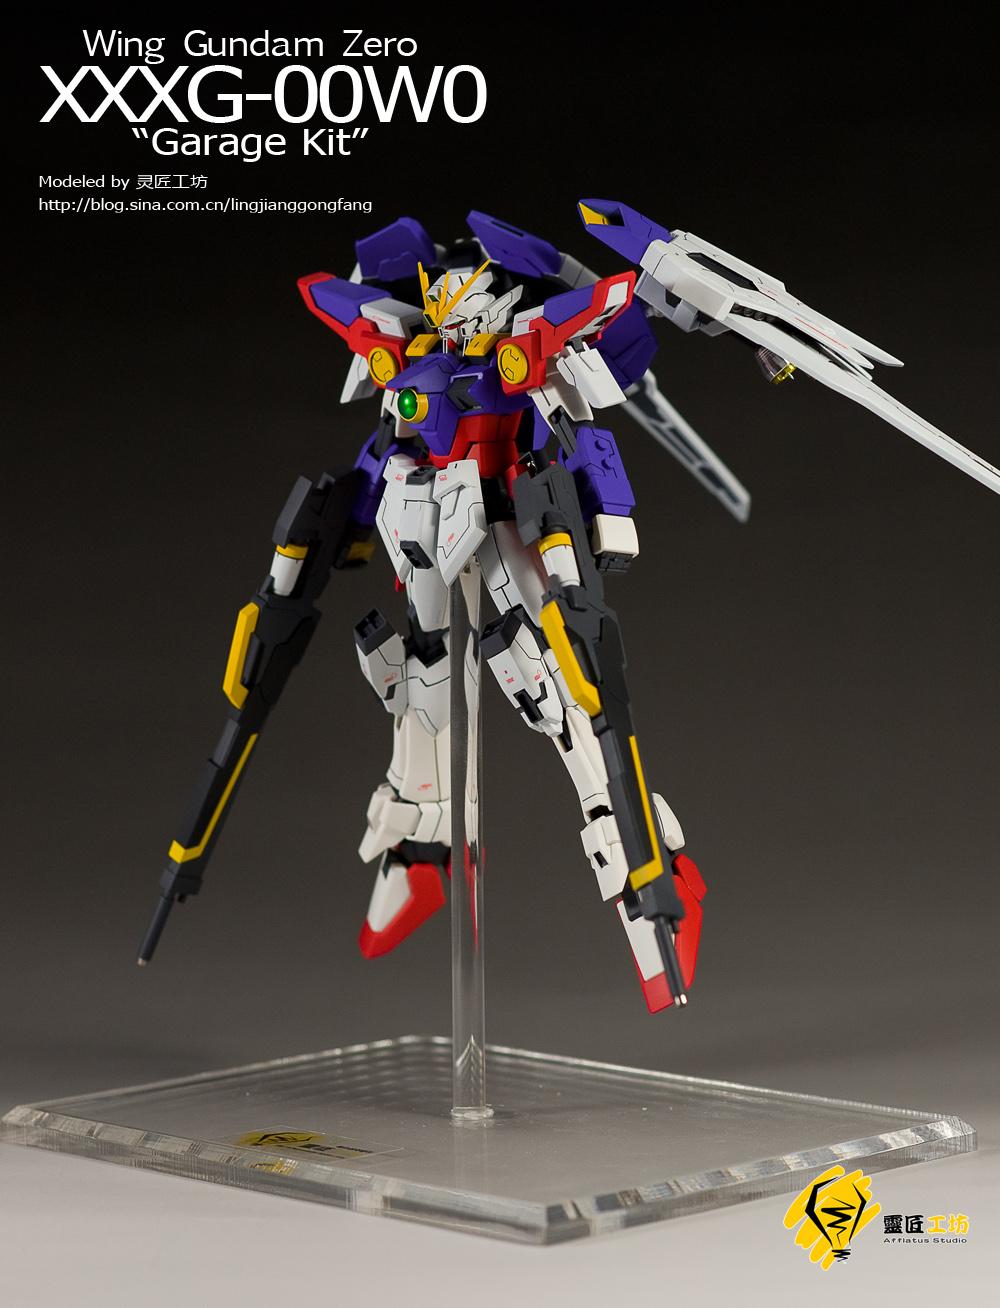 garage Kit] Wing Gundam Zero: Photoreview Wallpaper Size